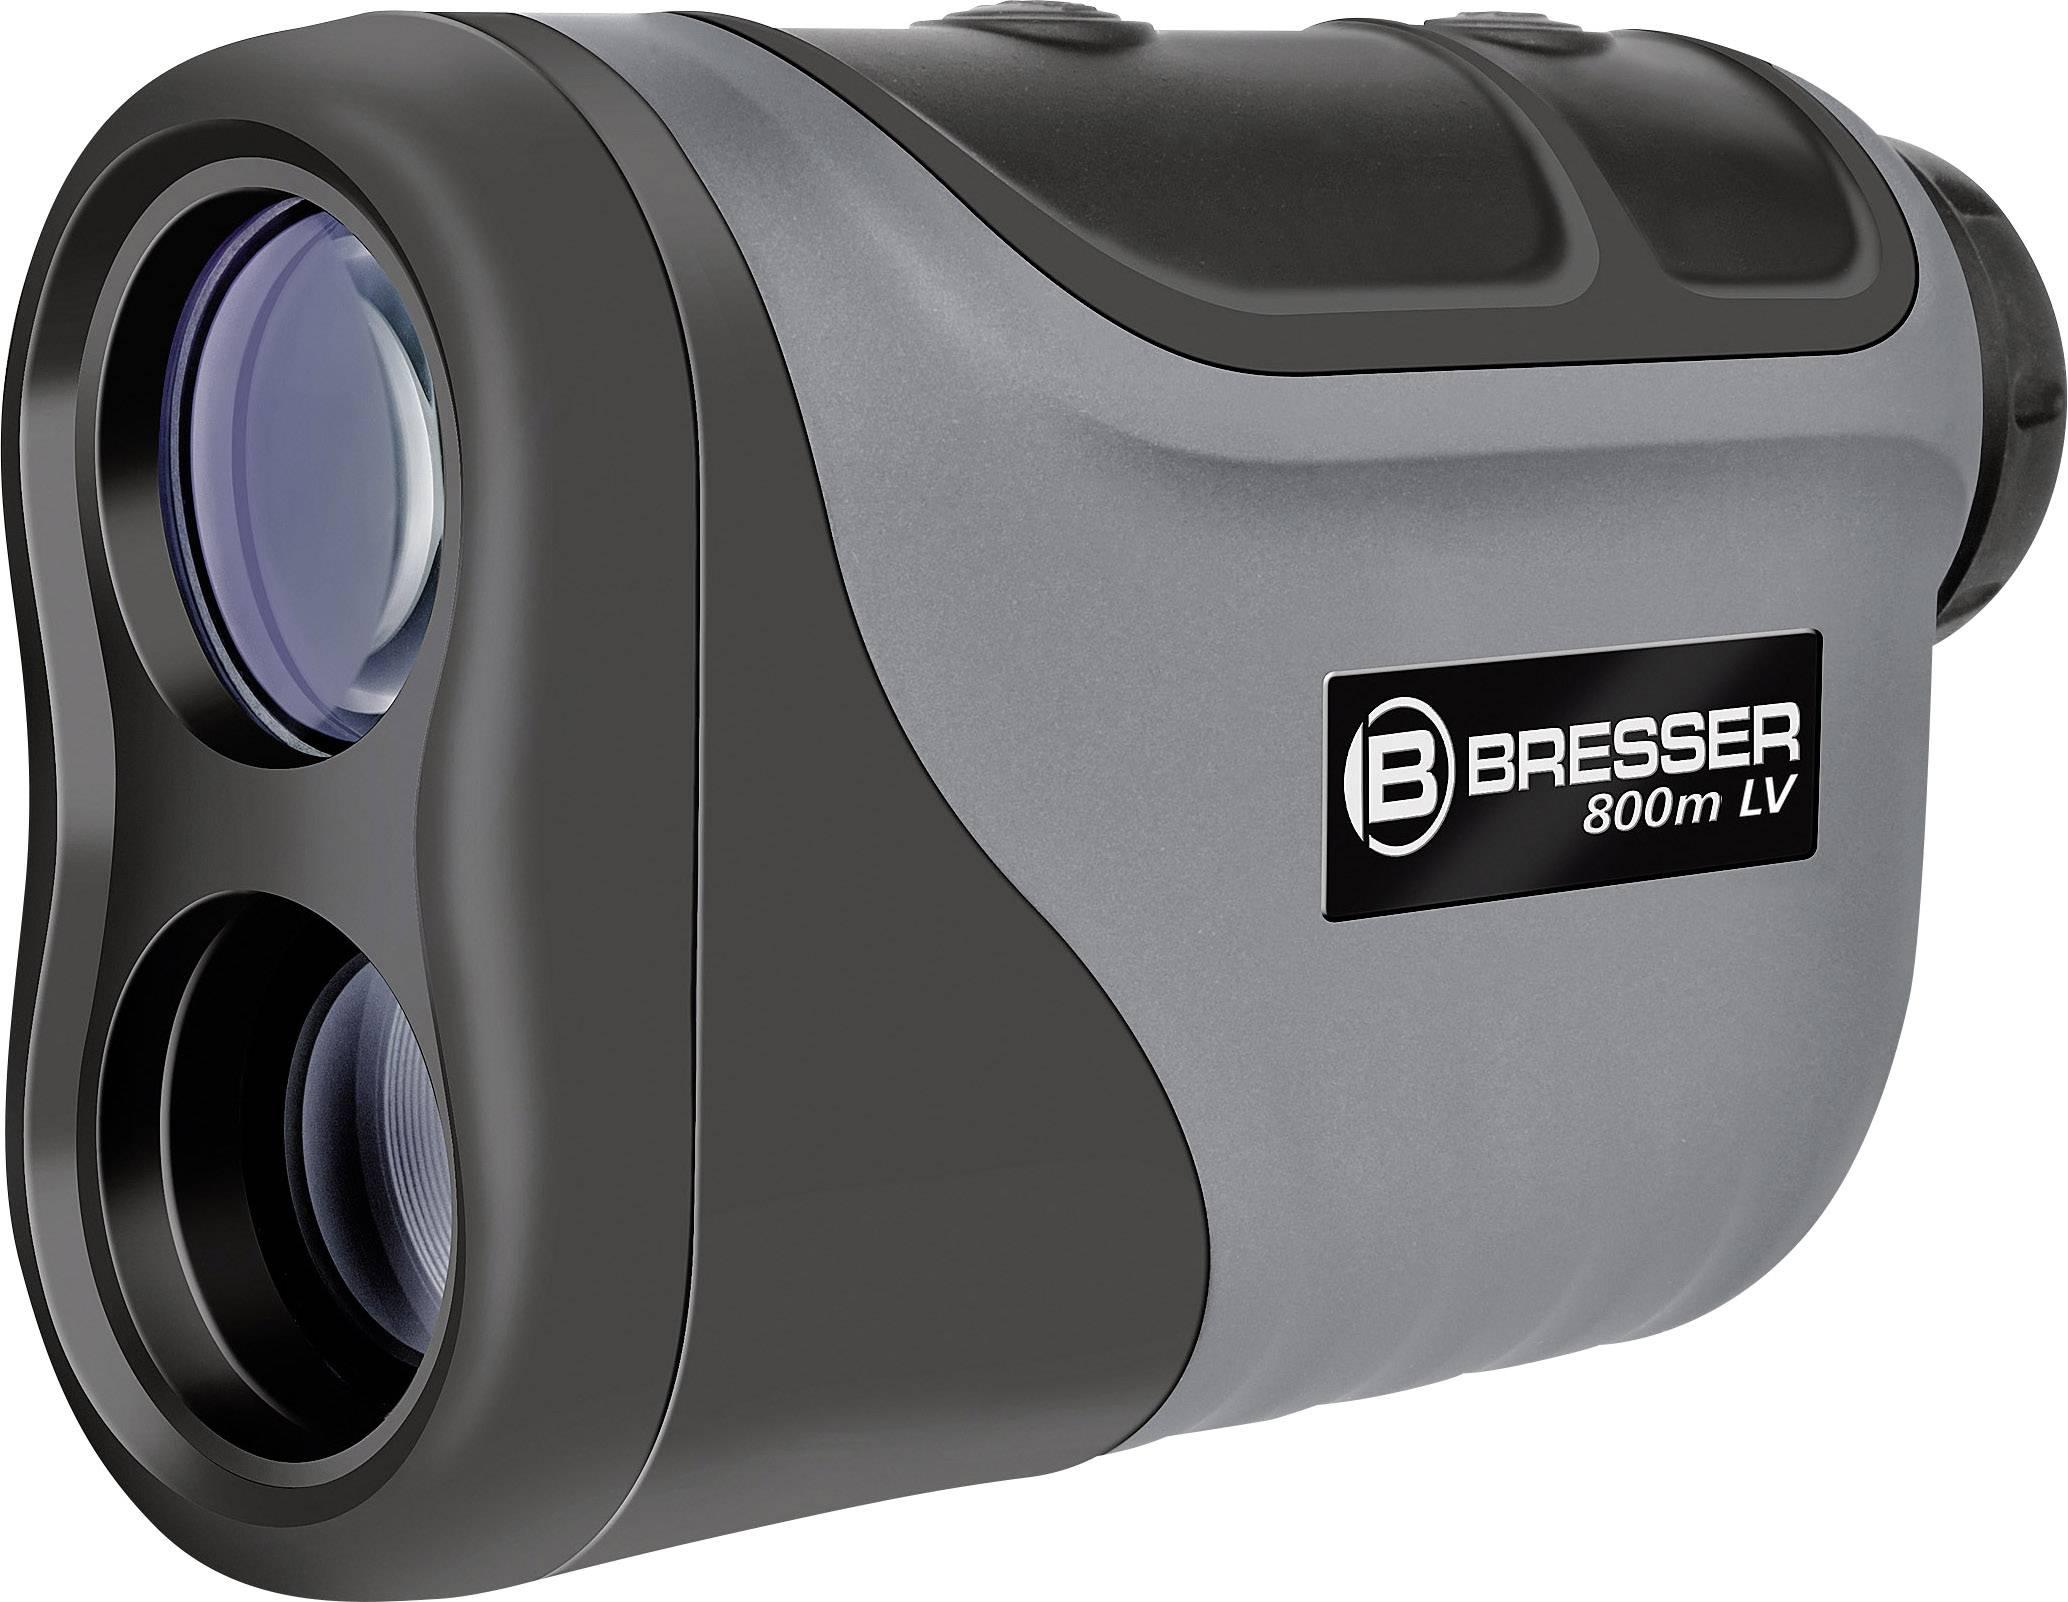 Entfernungsmesser bresser optik distanz geschwindigkeitsmesser